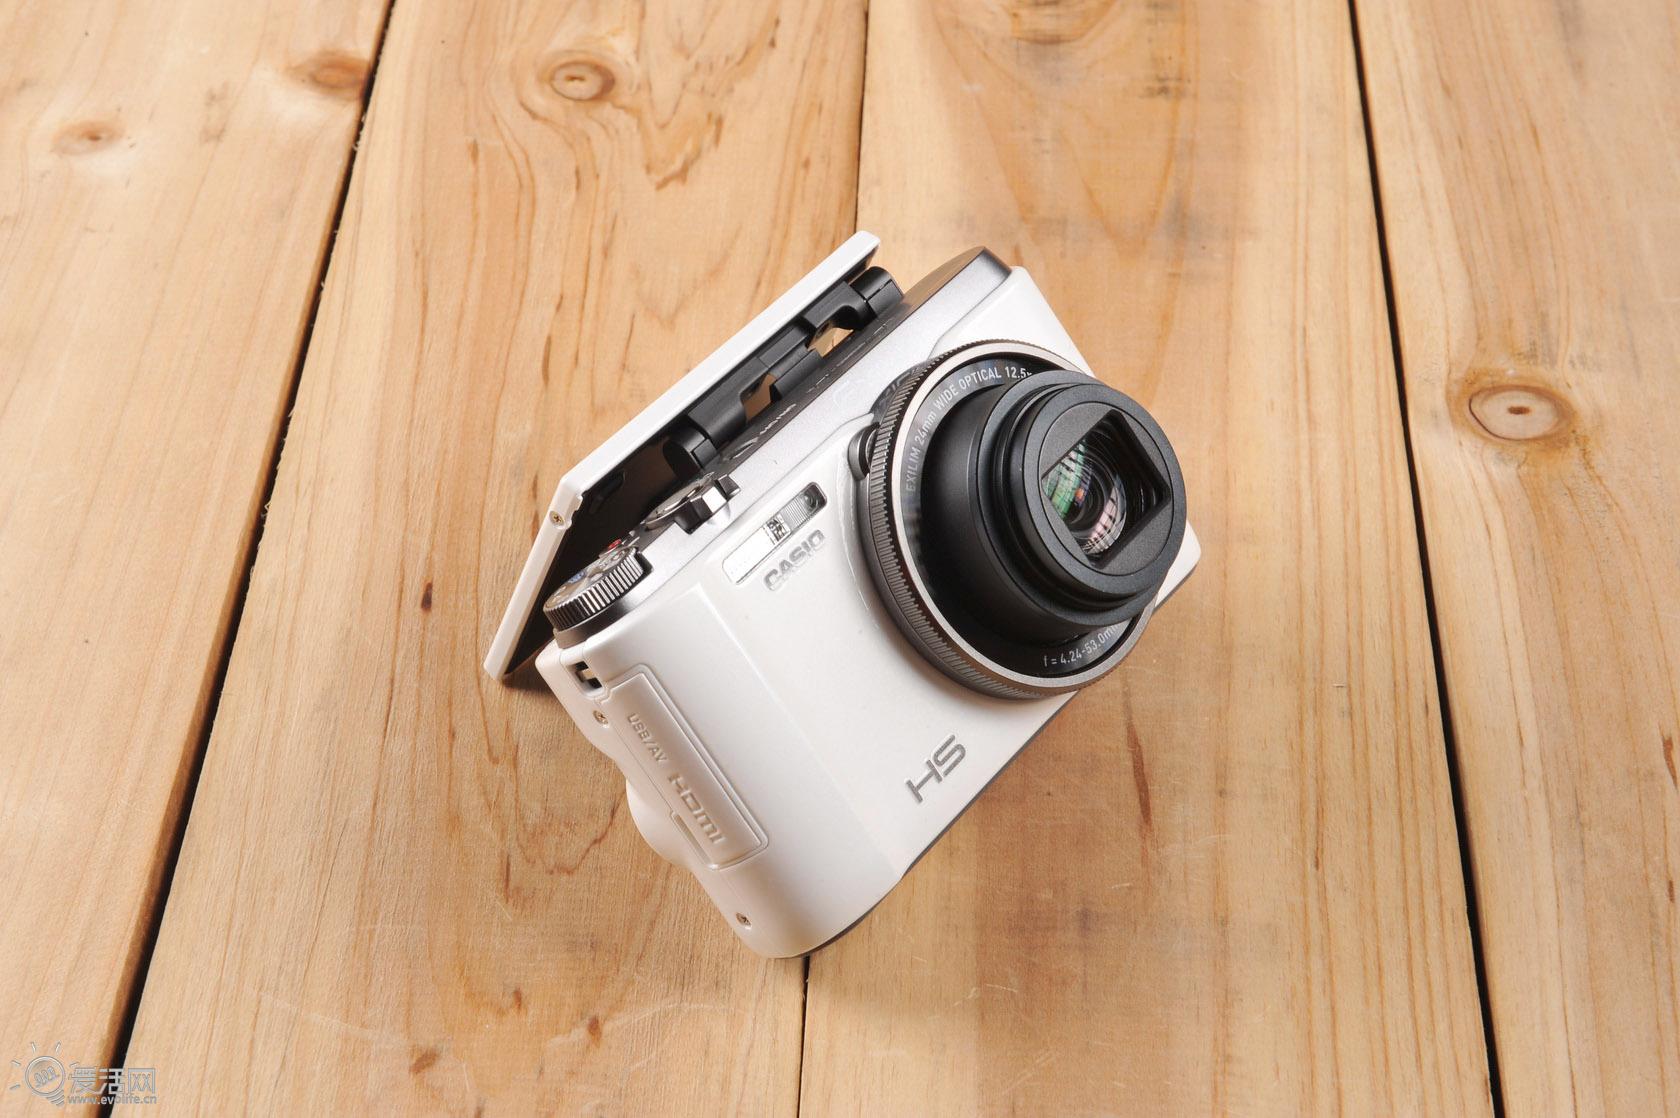 延时摄影成主打 长焦相机卡西欧ex-zr1200试玩报告